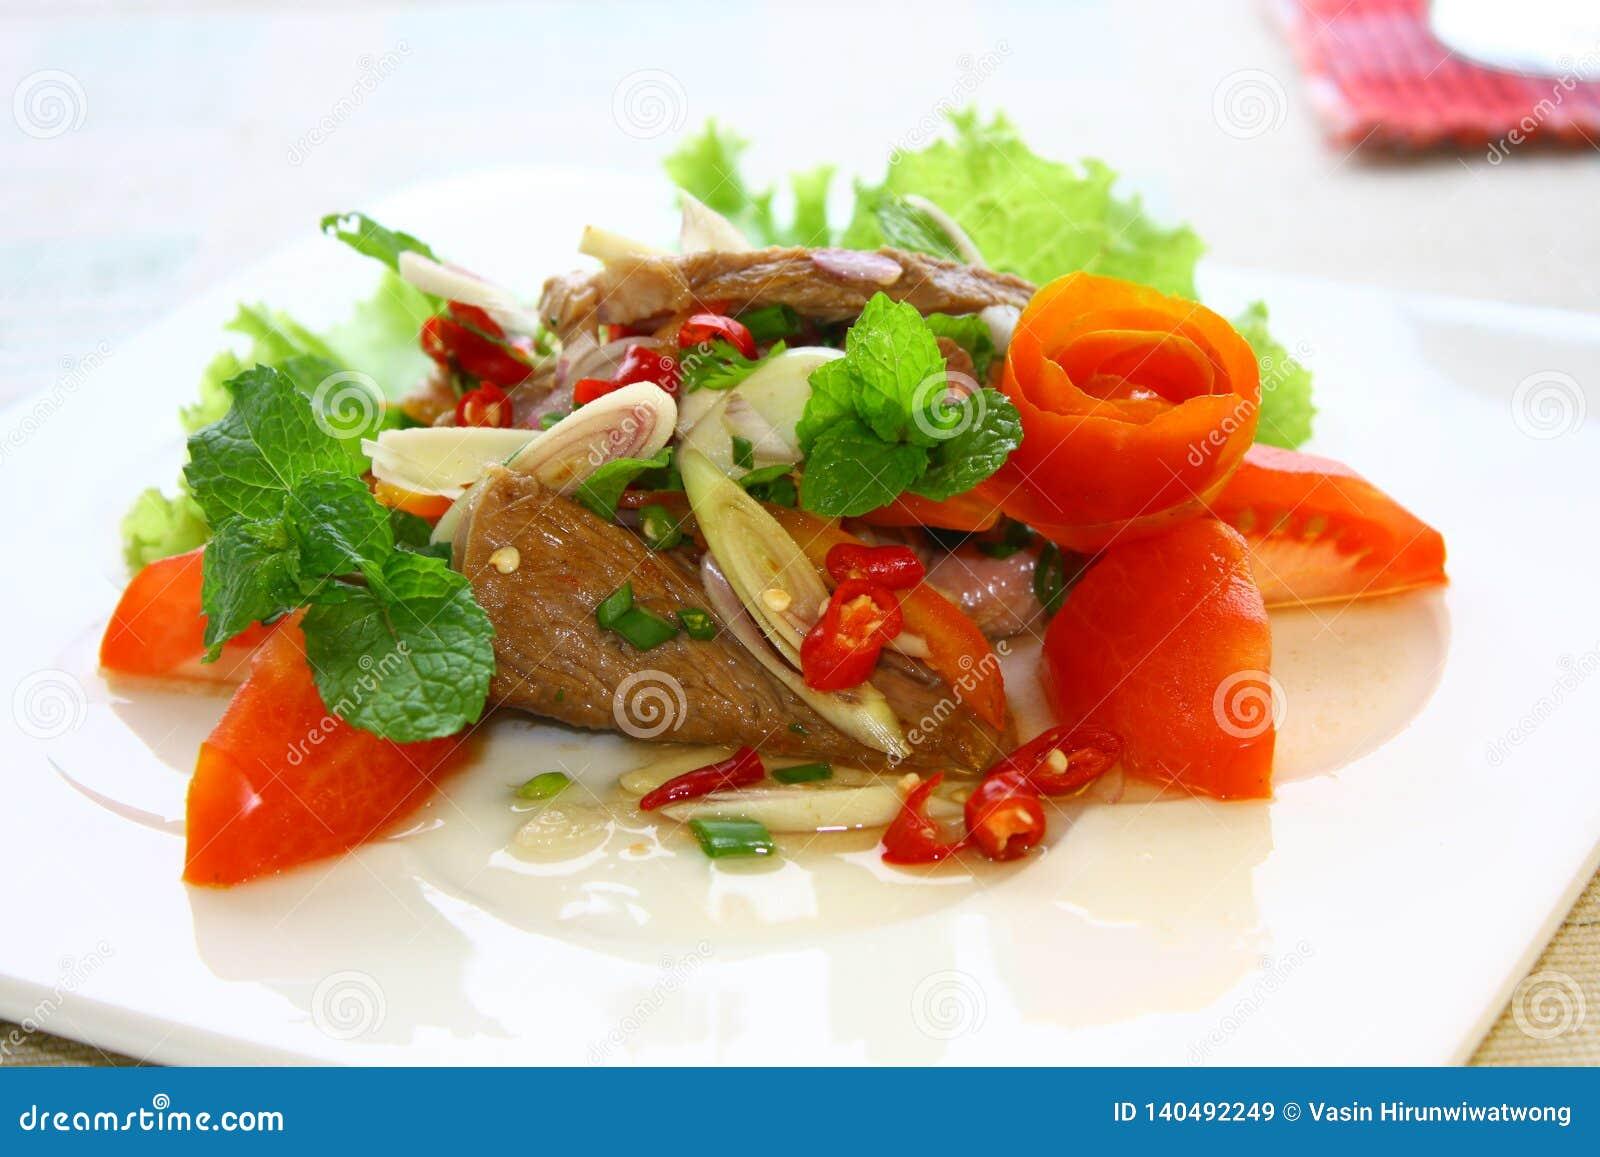 Fischfrikadelle, thailändische ArtFischfrikadelle diente mit knusperigem Basilikumblatt